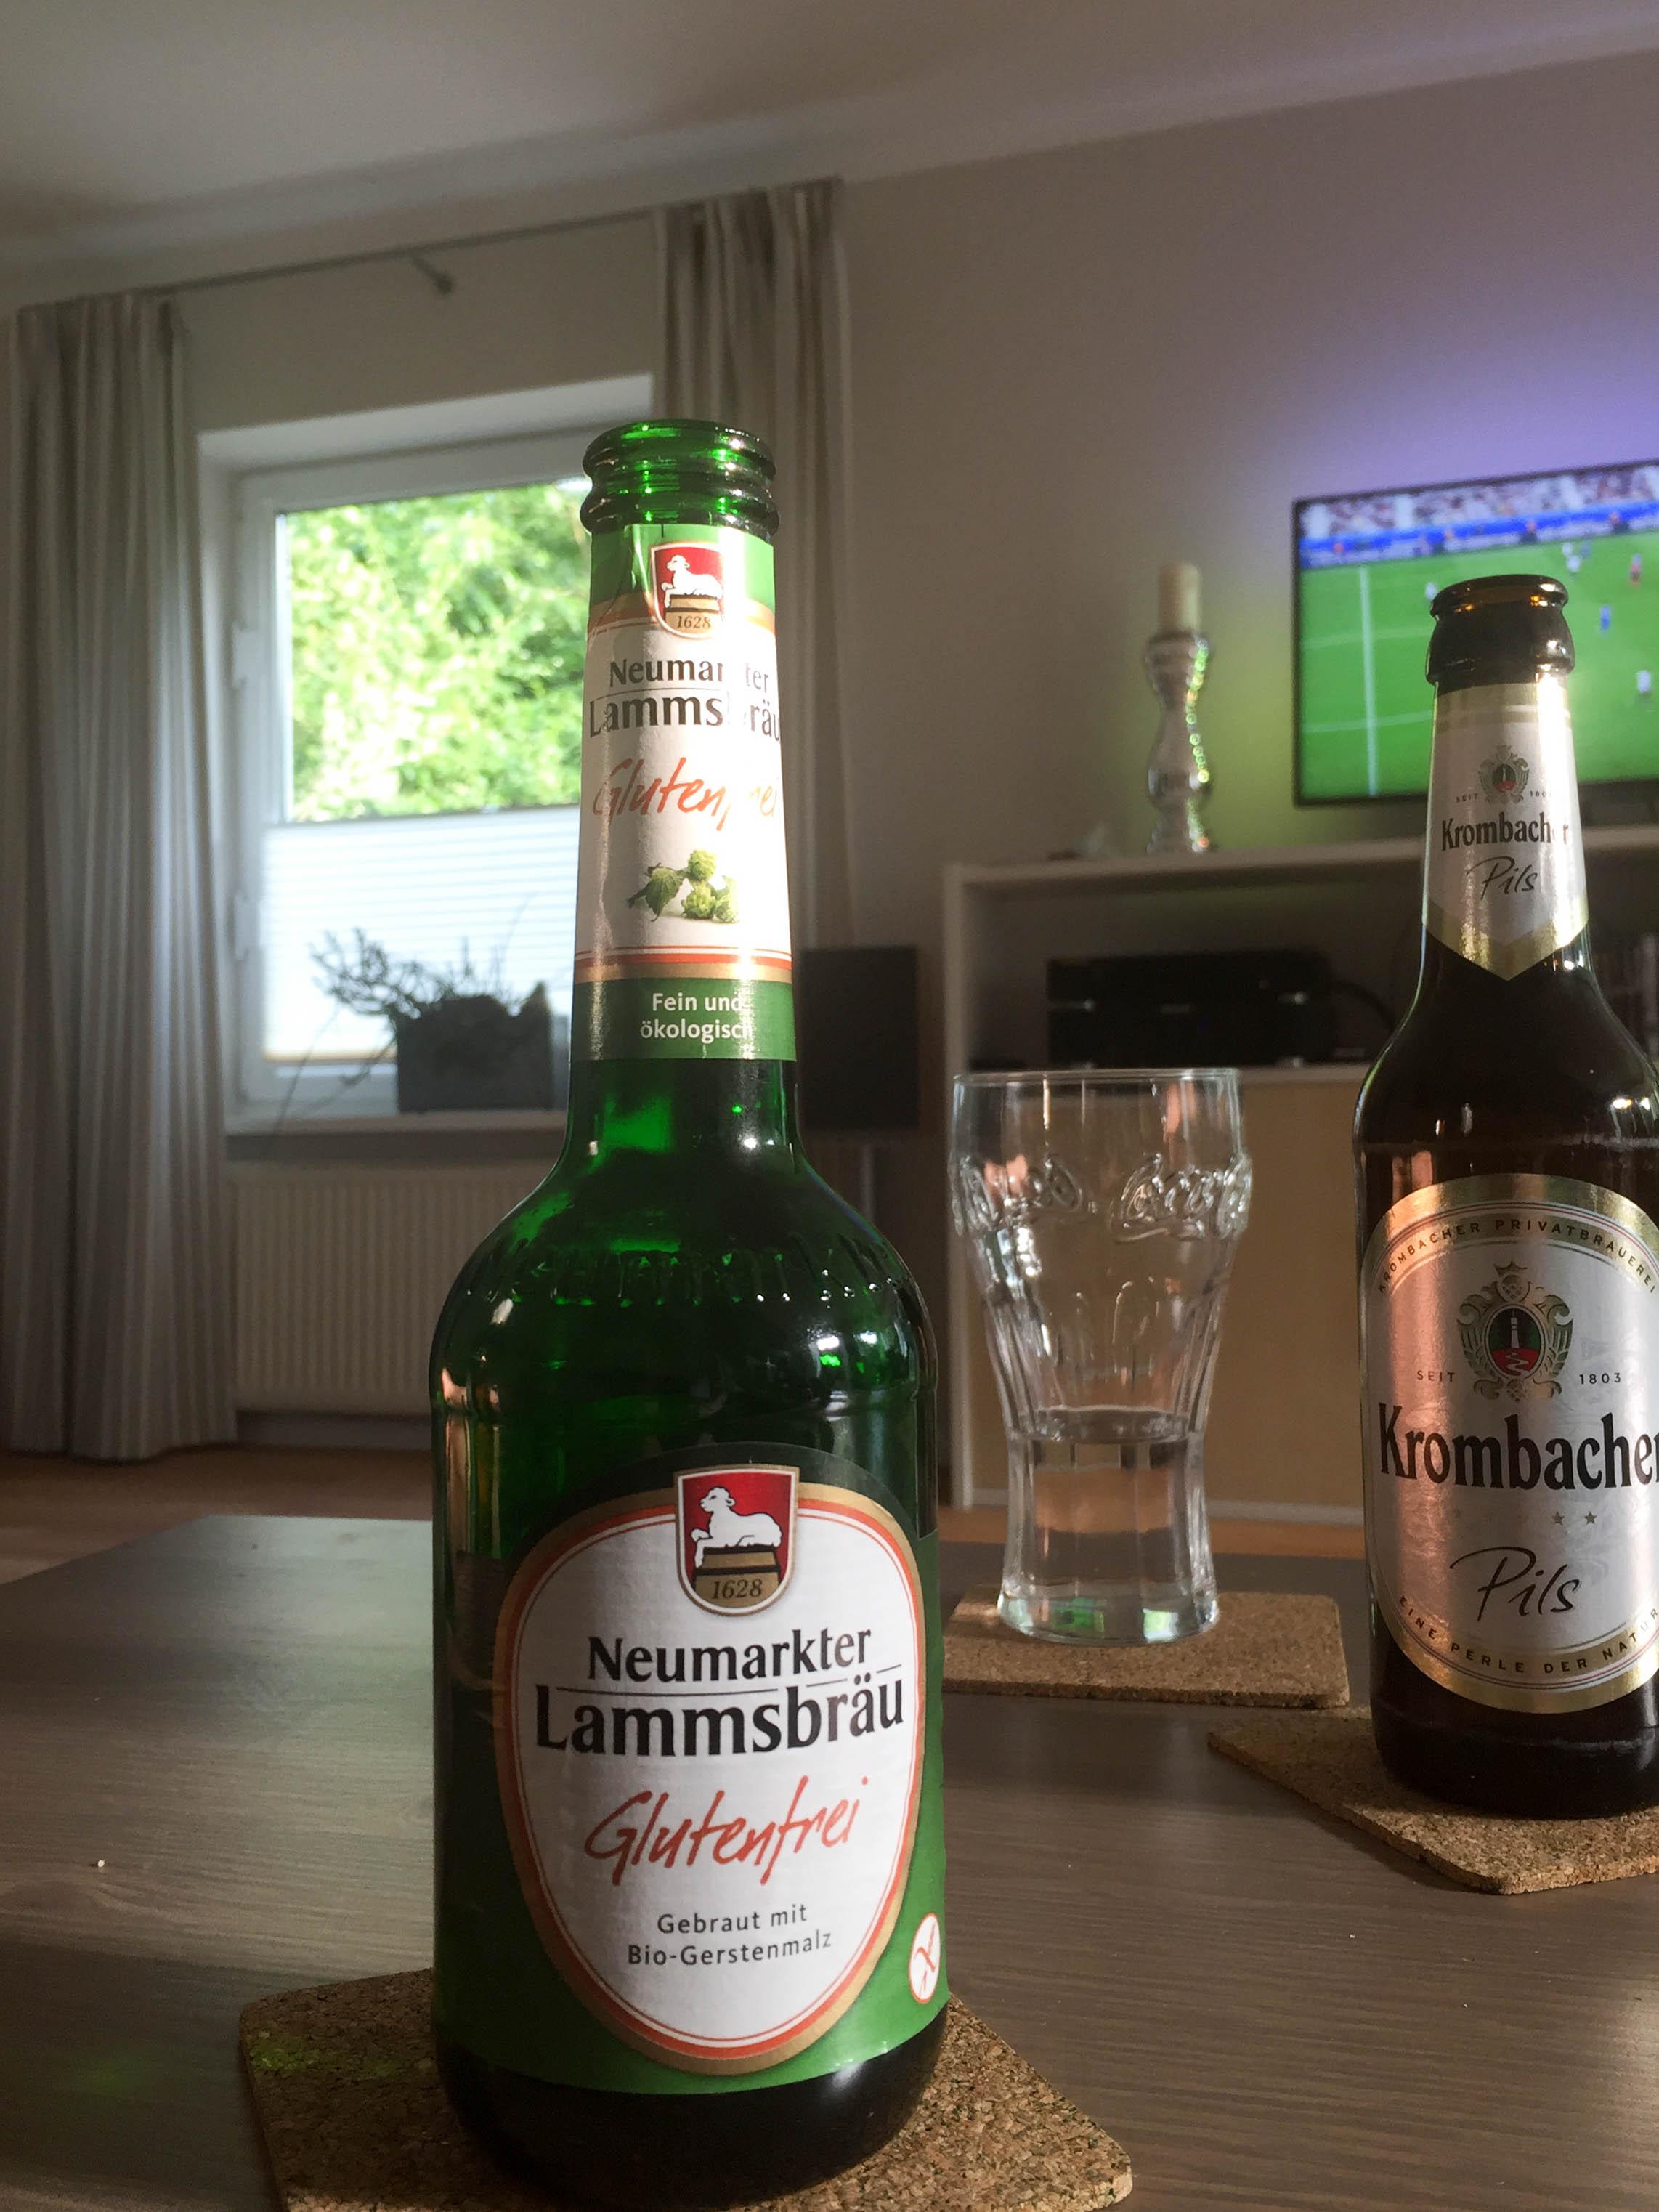 Meine Freundin hat mir zum Fußballspiel ein Bier gekauft. Dazu fällt mir ein, dass Lammbräu angeblich jetzt einen Querstrich über den Barcode druckt, um so gebündelte Energie zu neutralisieren.